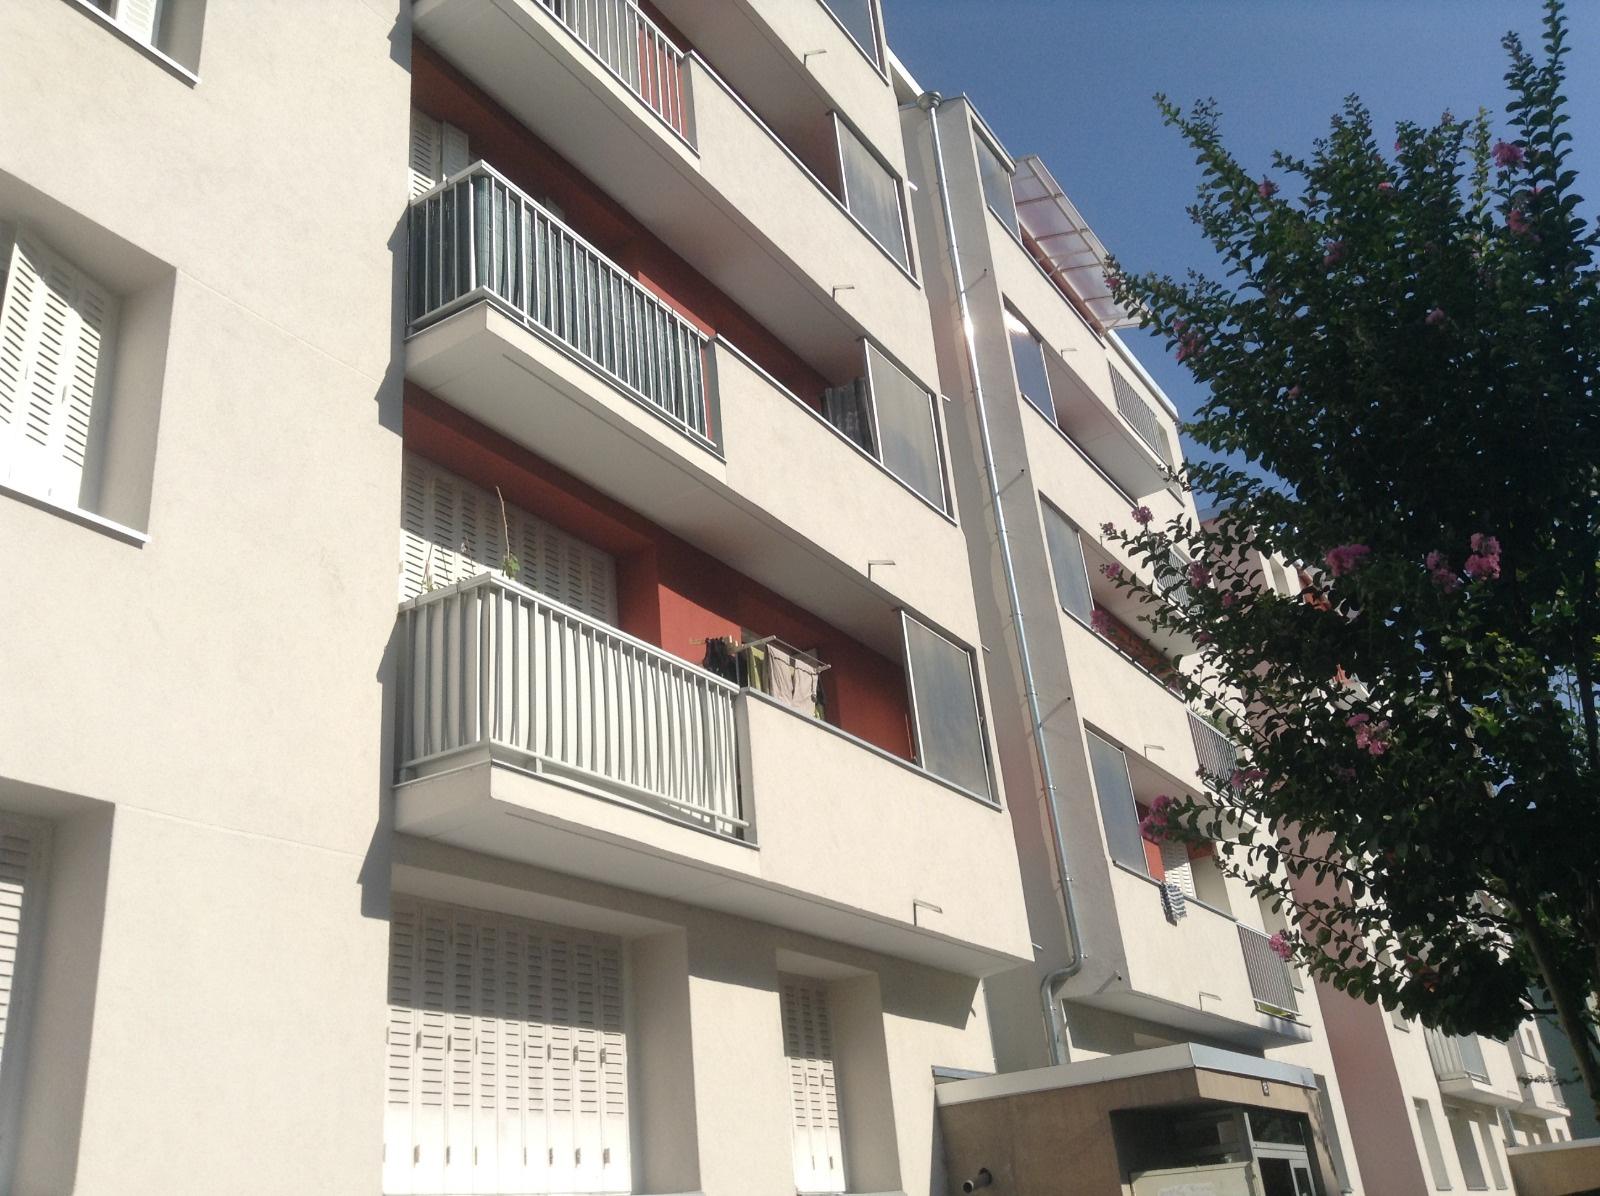 annonce vente appartement saint martin d 39 h res 38400 60 m 106 000 992738304301. Black Bedroom Furniture Sets. Home Design Ideas